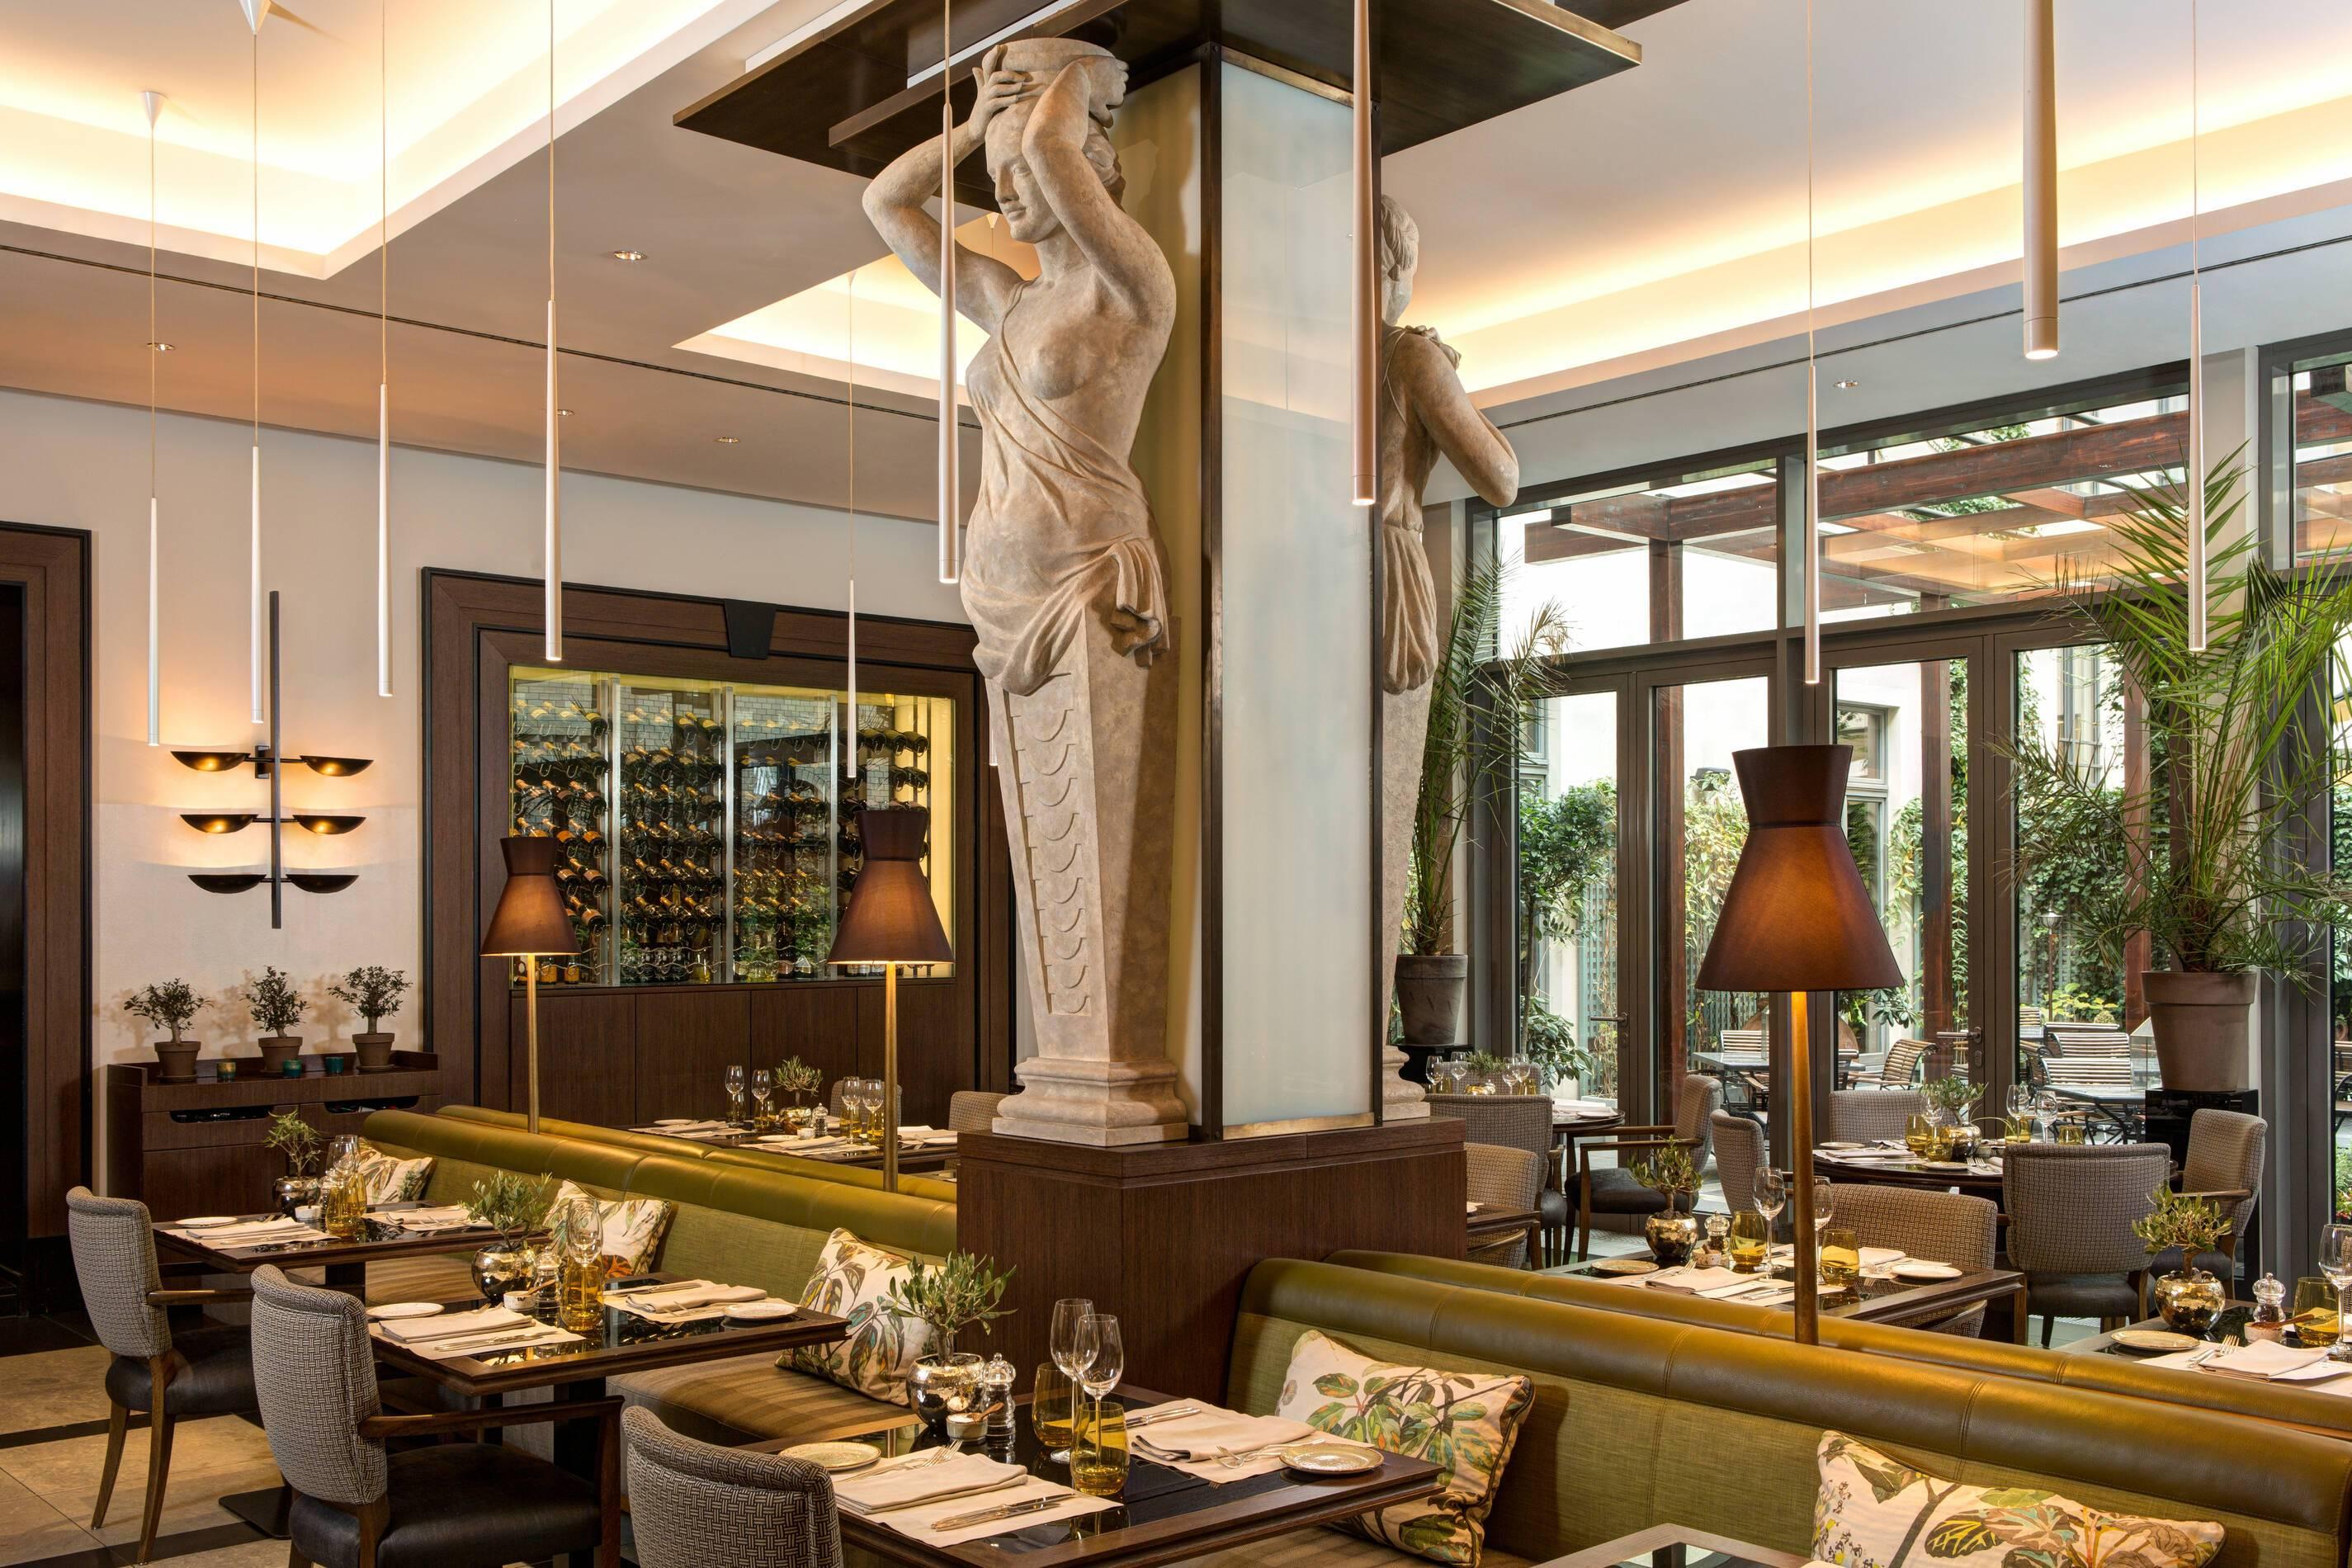 Hotel de Rome Berlin Rocco Forte La Banca Restaurant